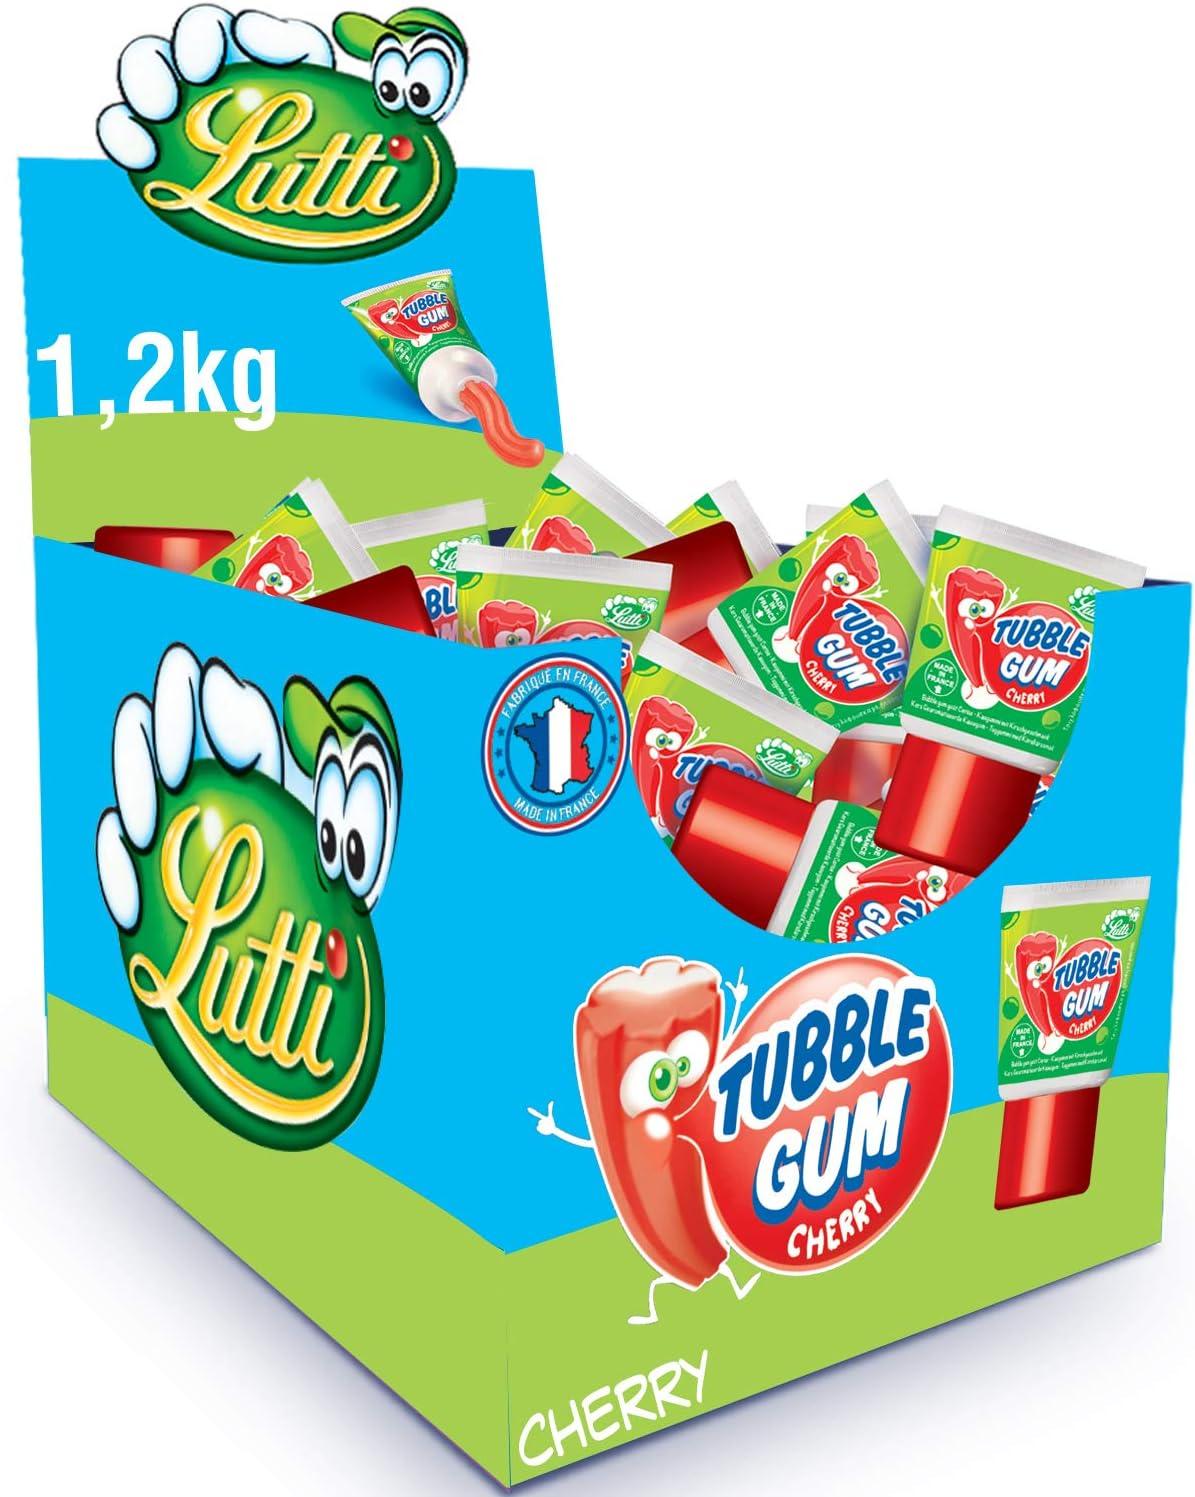 Lutti Tubble Gum cereza 36 und